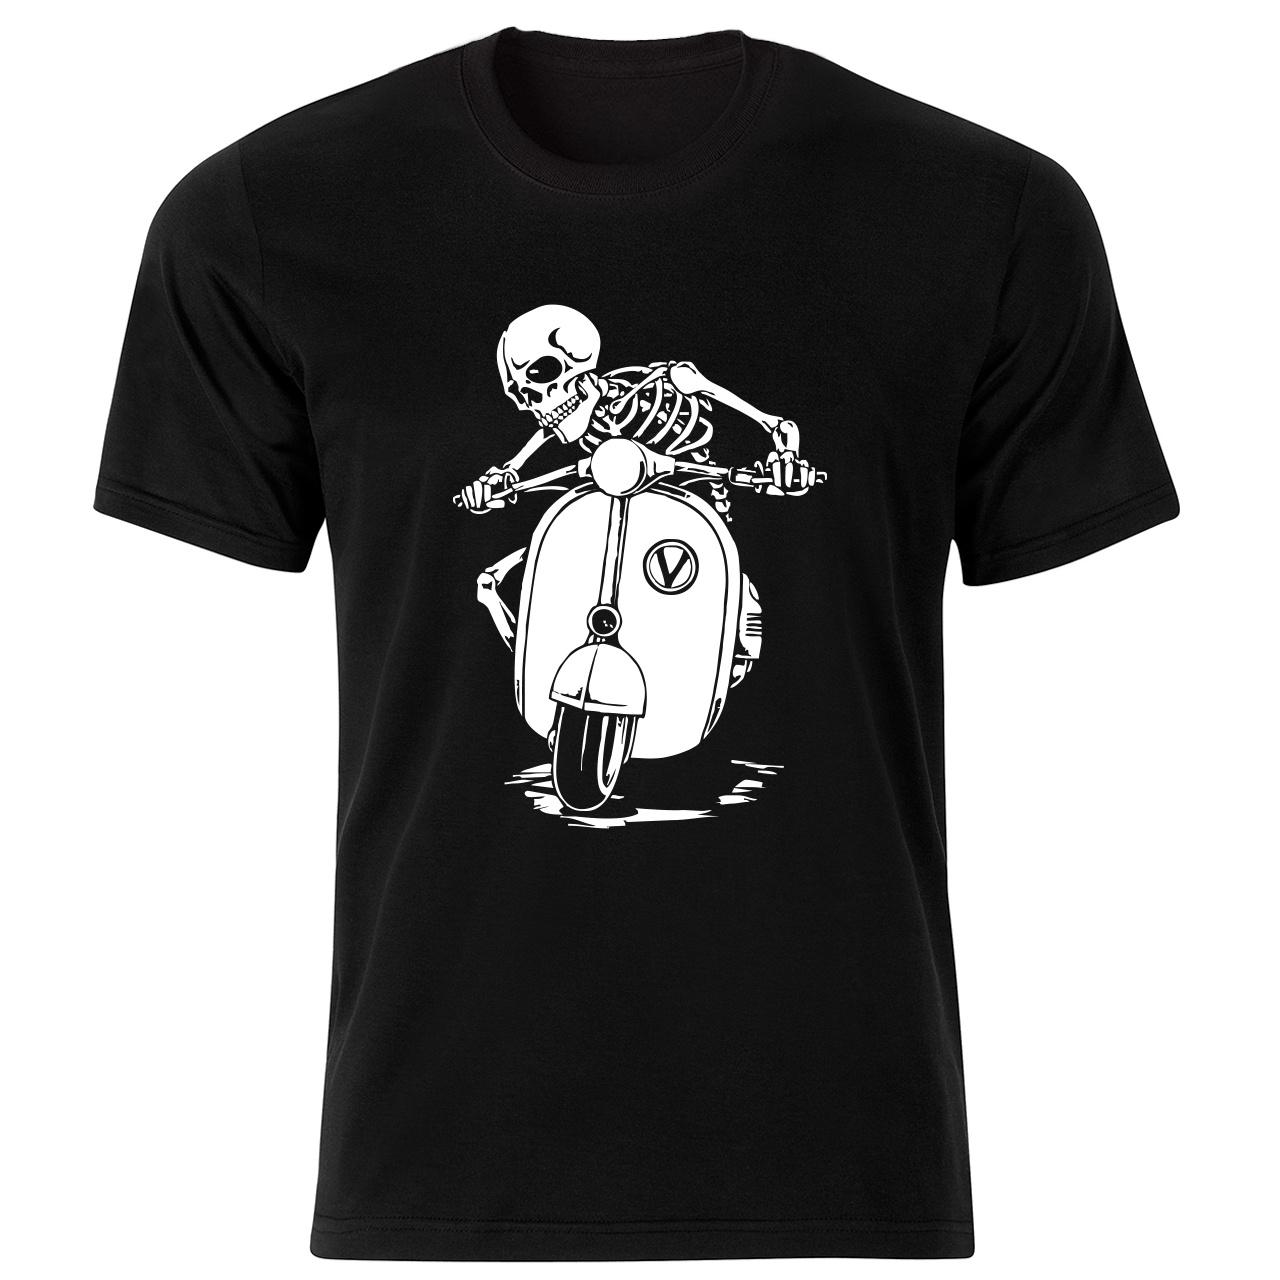 تی شرت مردانه طرح اسکلت کد 199